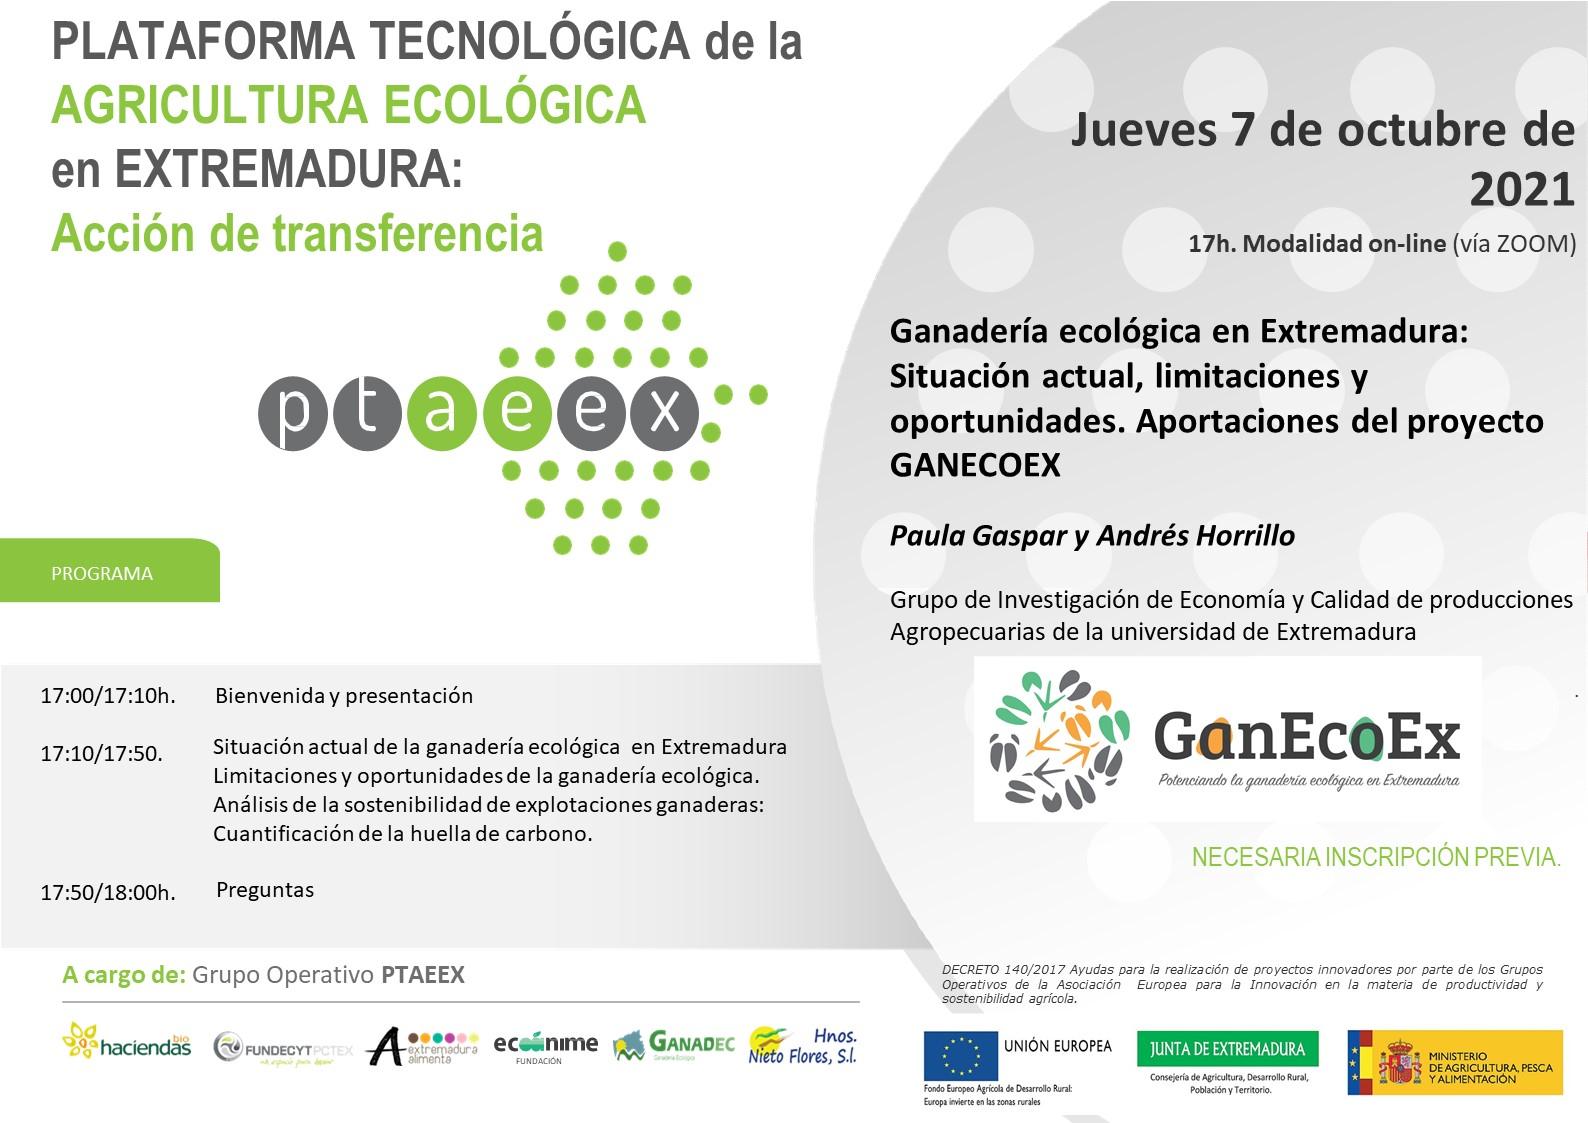 Acción de transferencia. Ganadería ecológica en Extremadura: Situación actual, limitaciones y oportunidades. Aportaciones del proyecto GANECOEX.